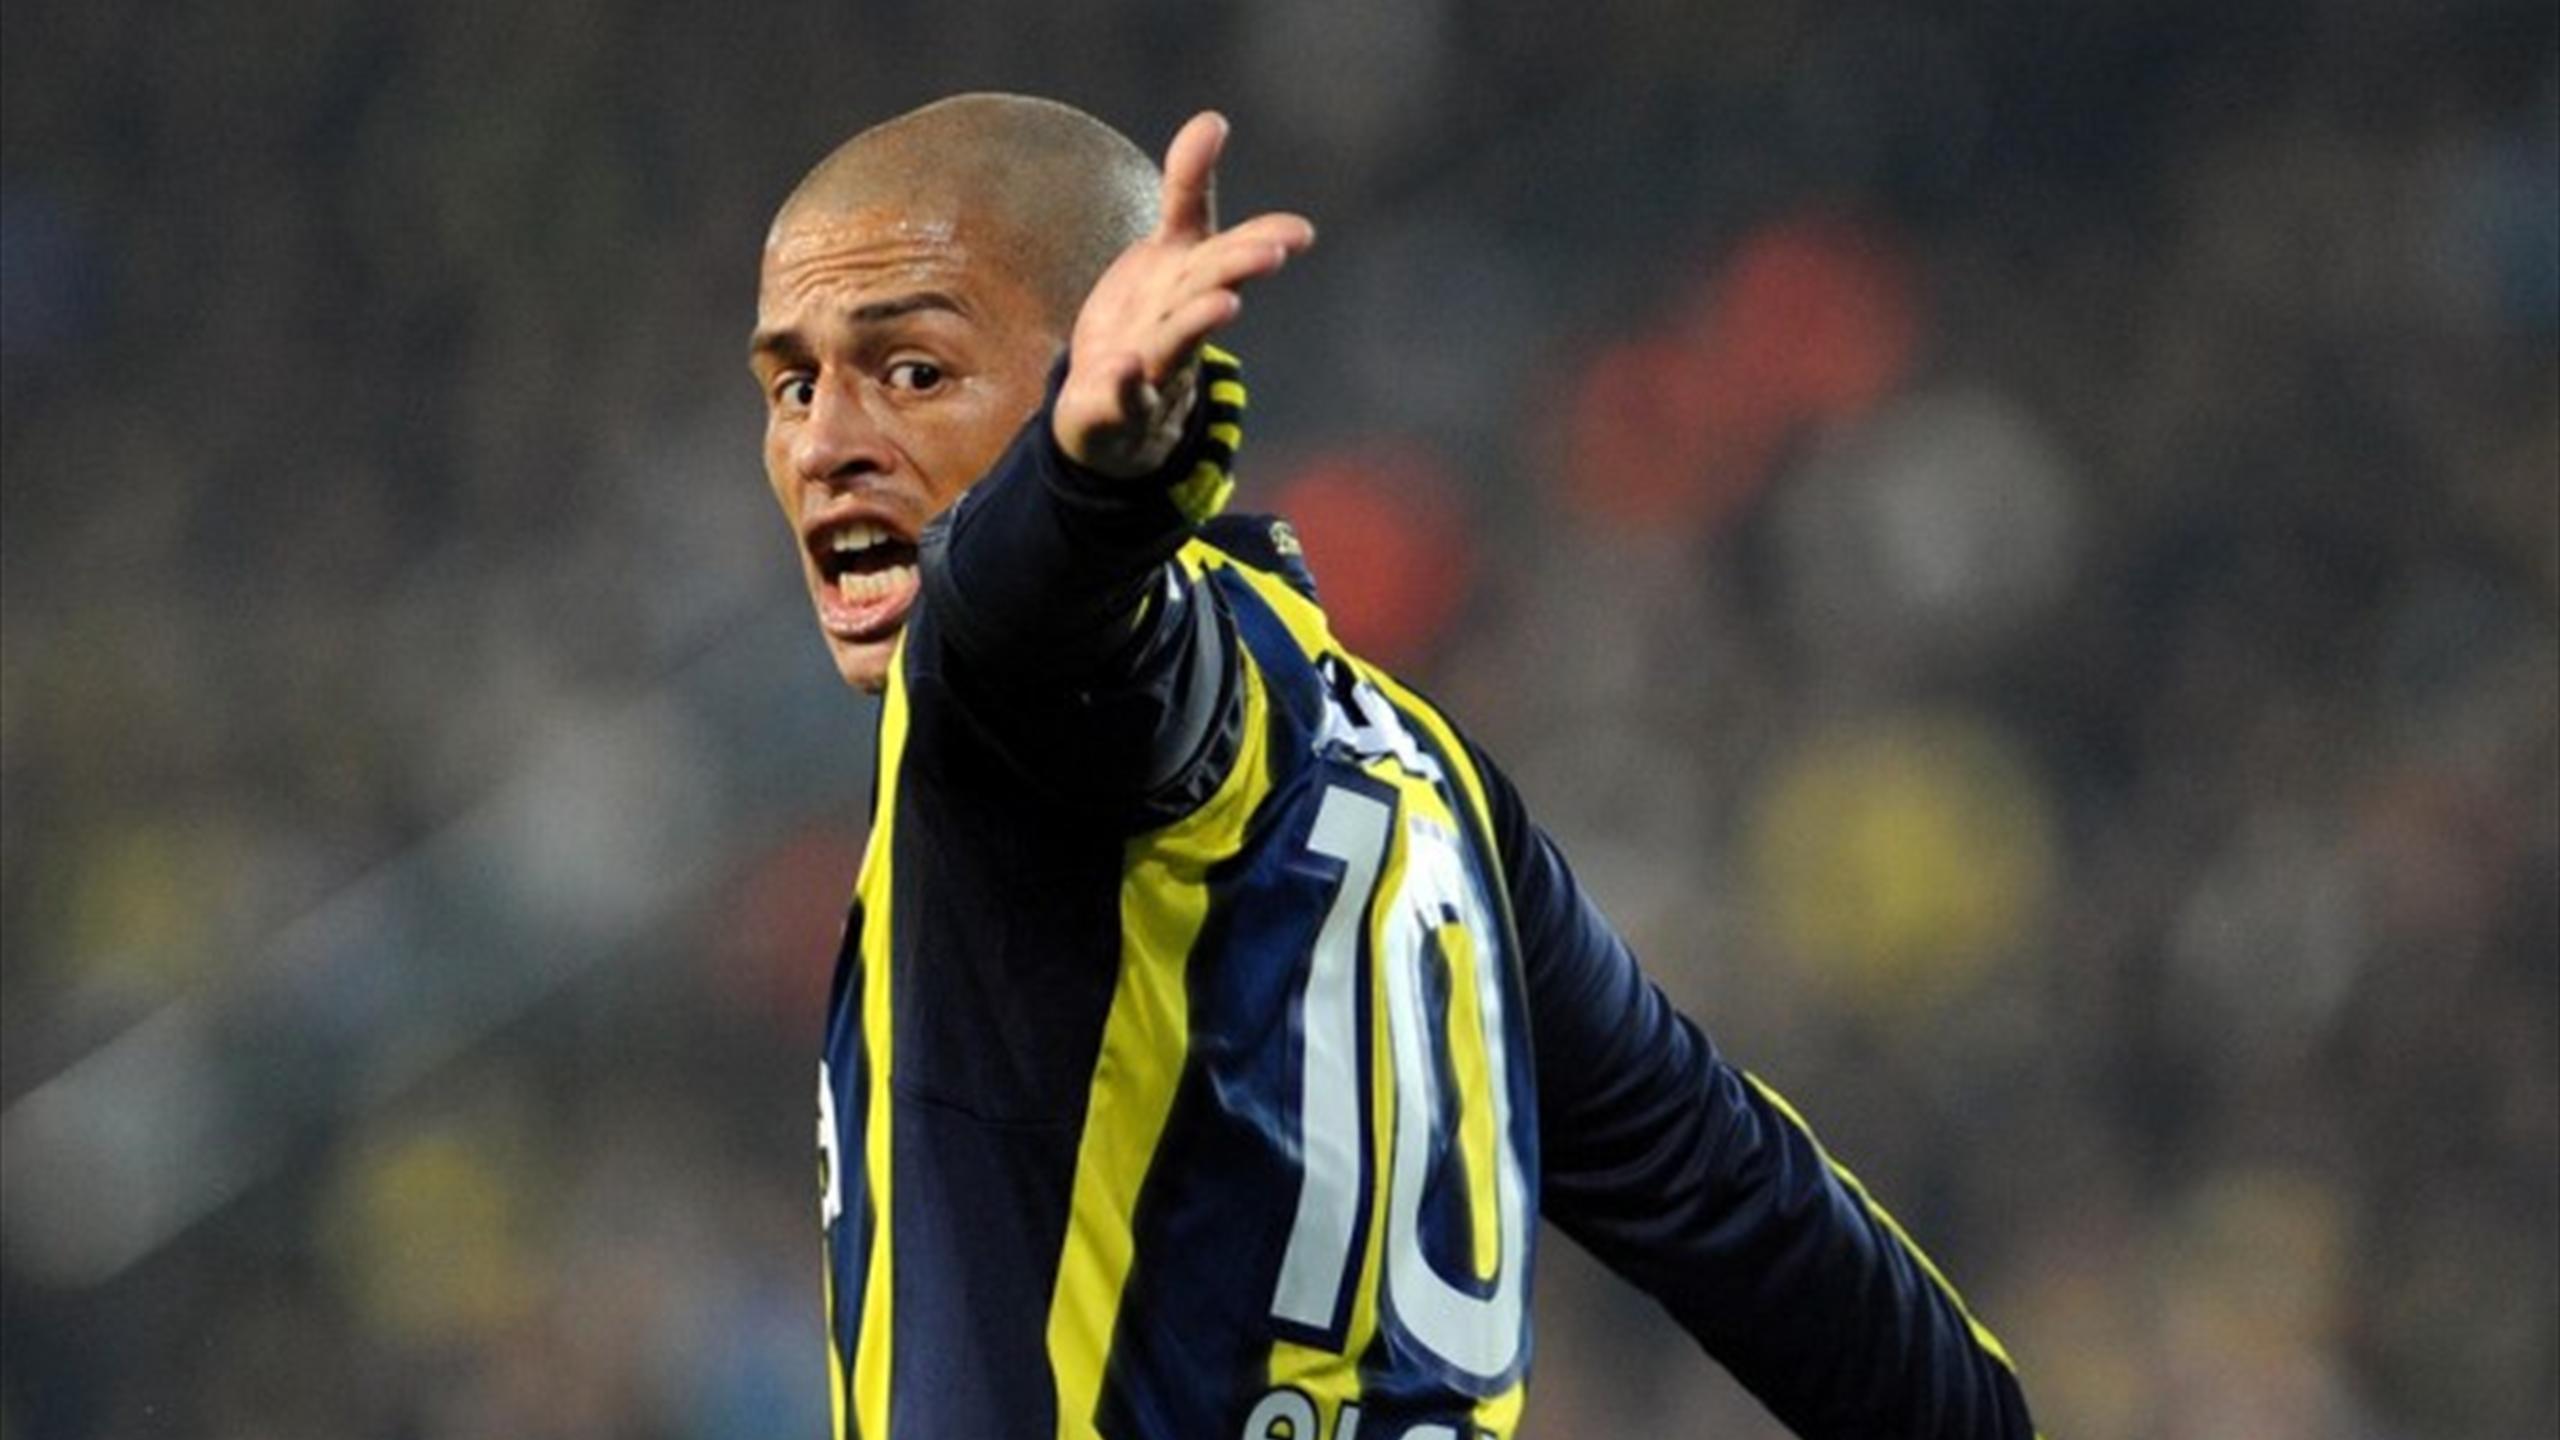 Fenerbahçe'in Kadıköy'de Galatasaray'a Yenilmediği 19 lig maçı 13